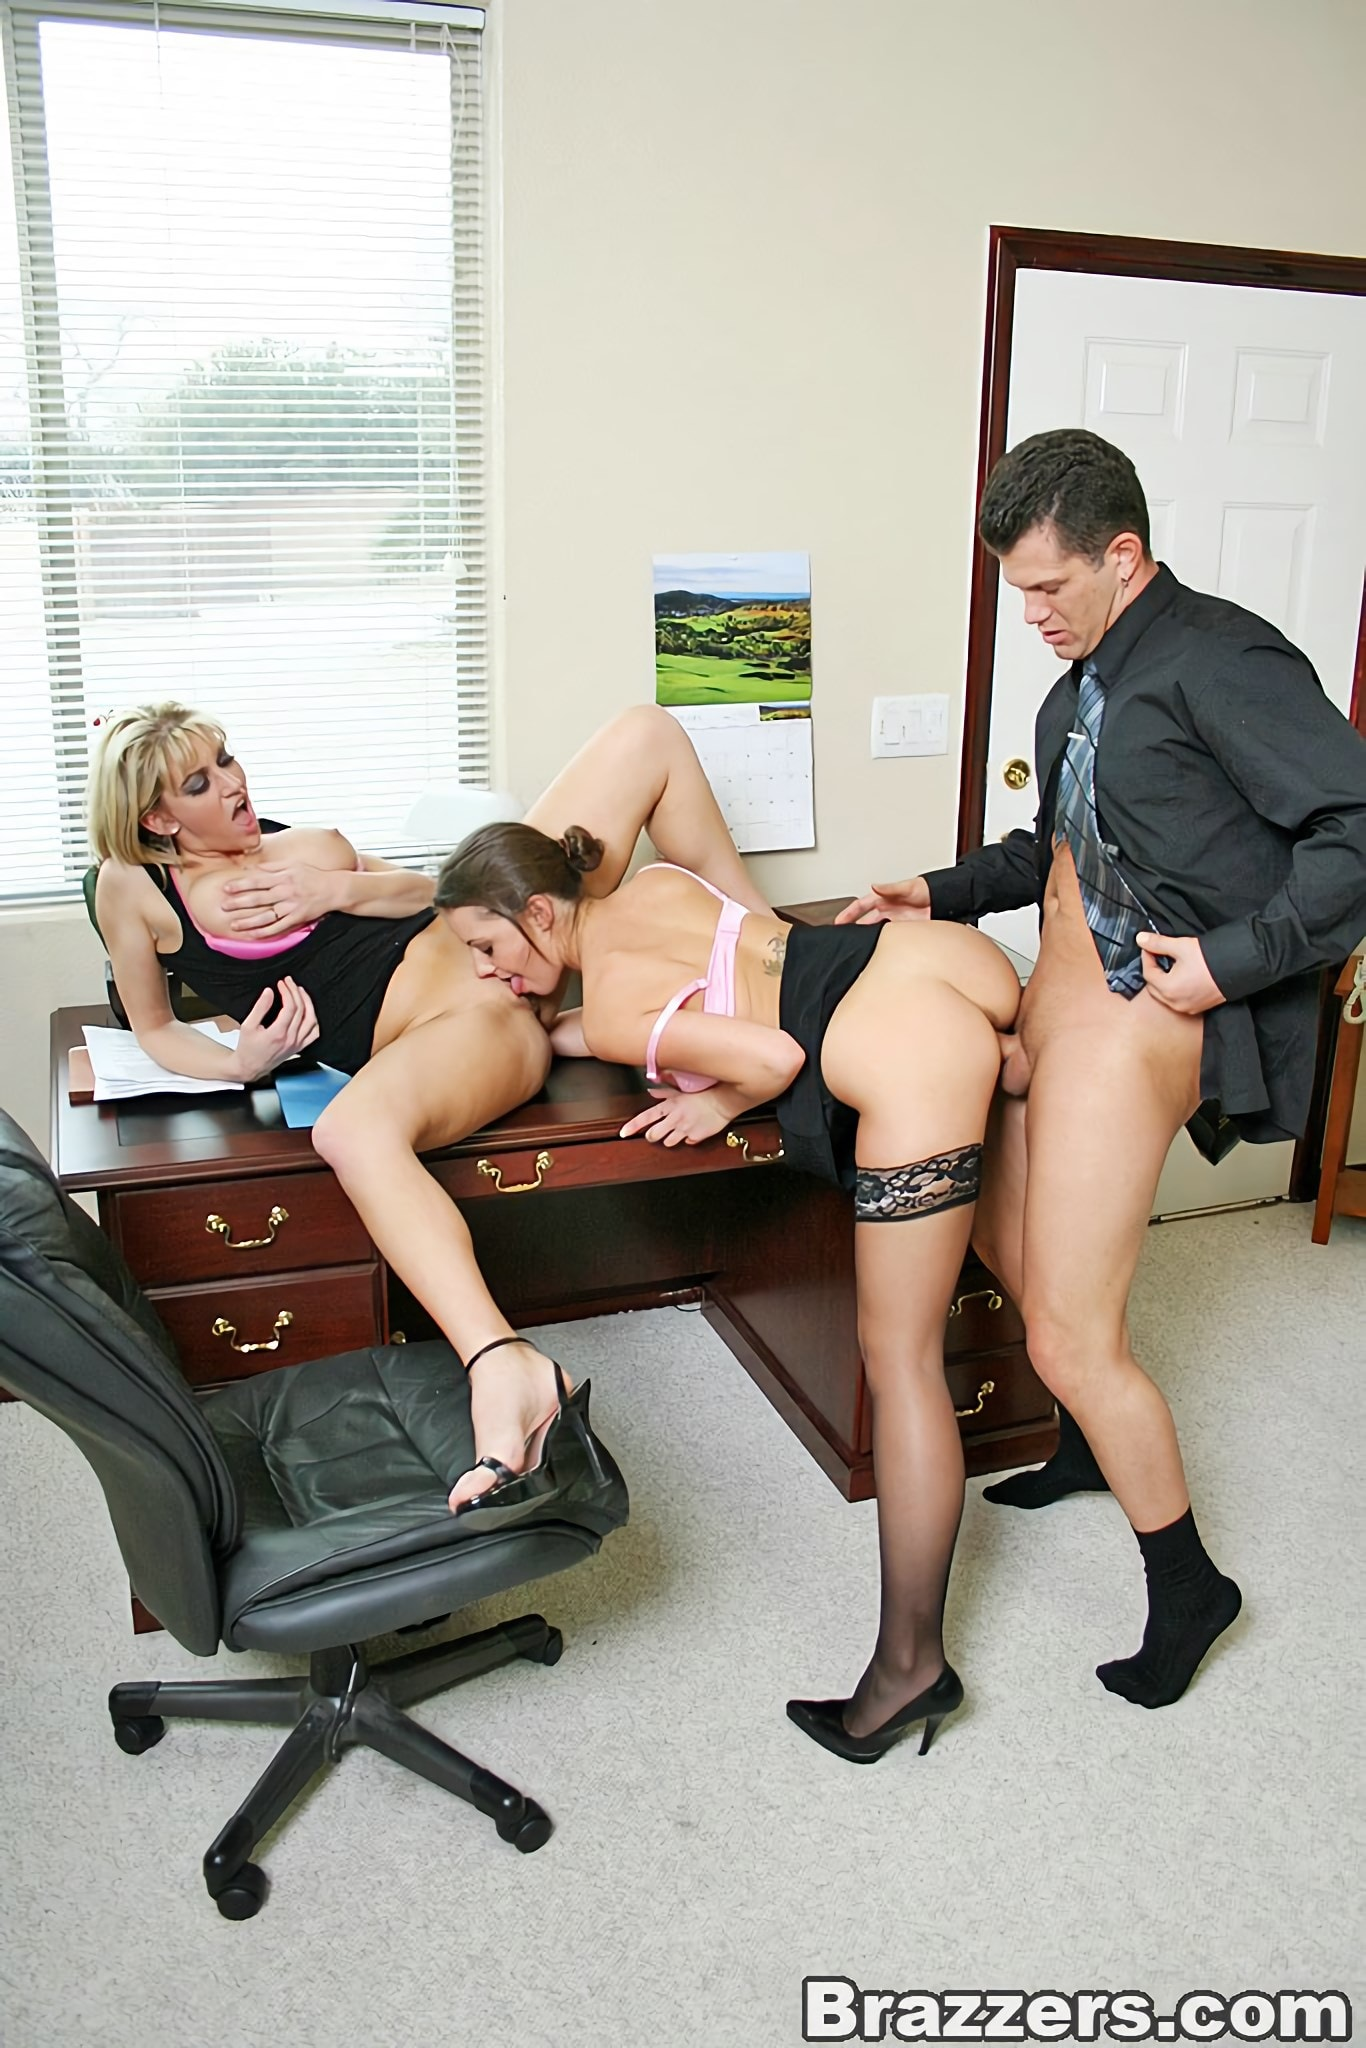 нашем сайте секс в офисе клевая телка постоянно